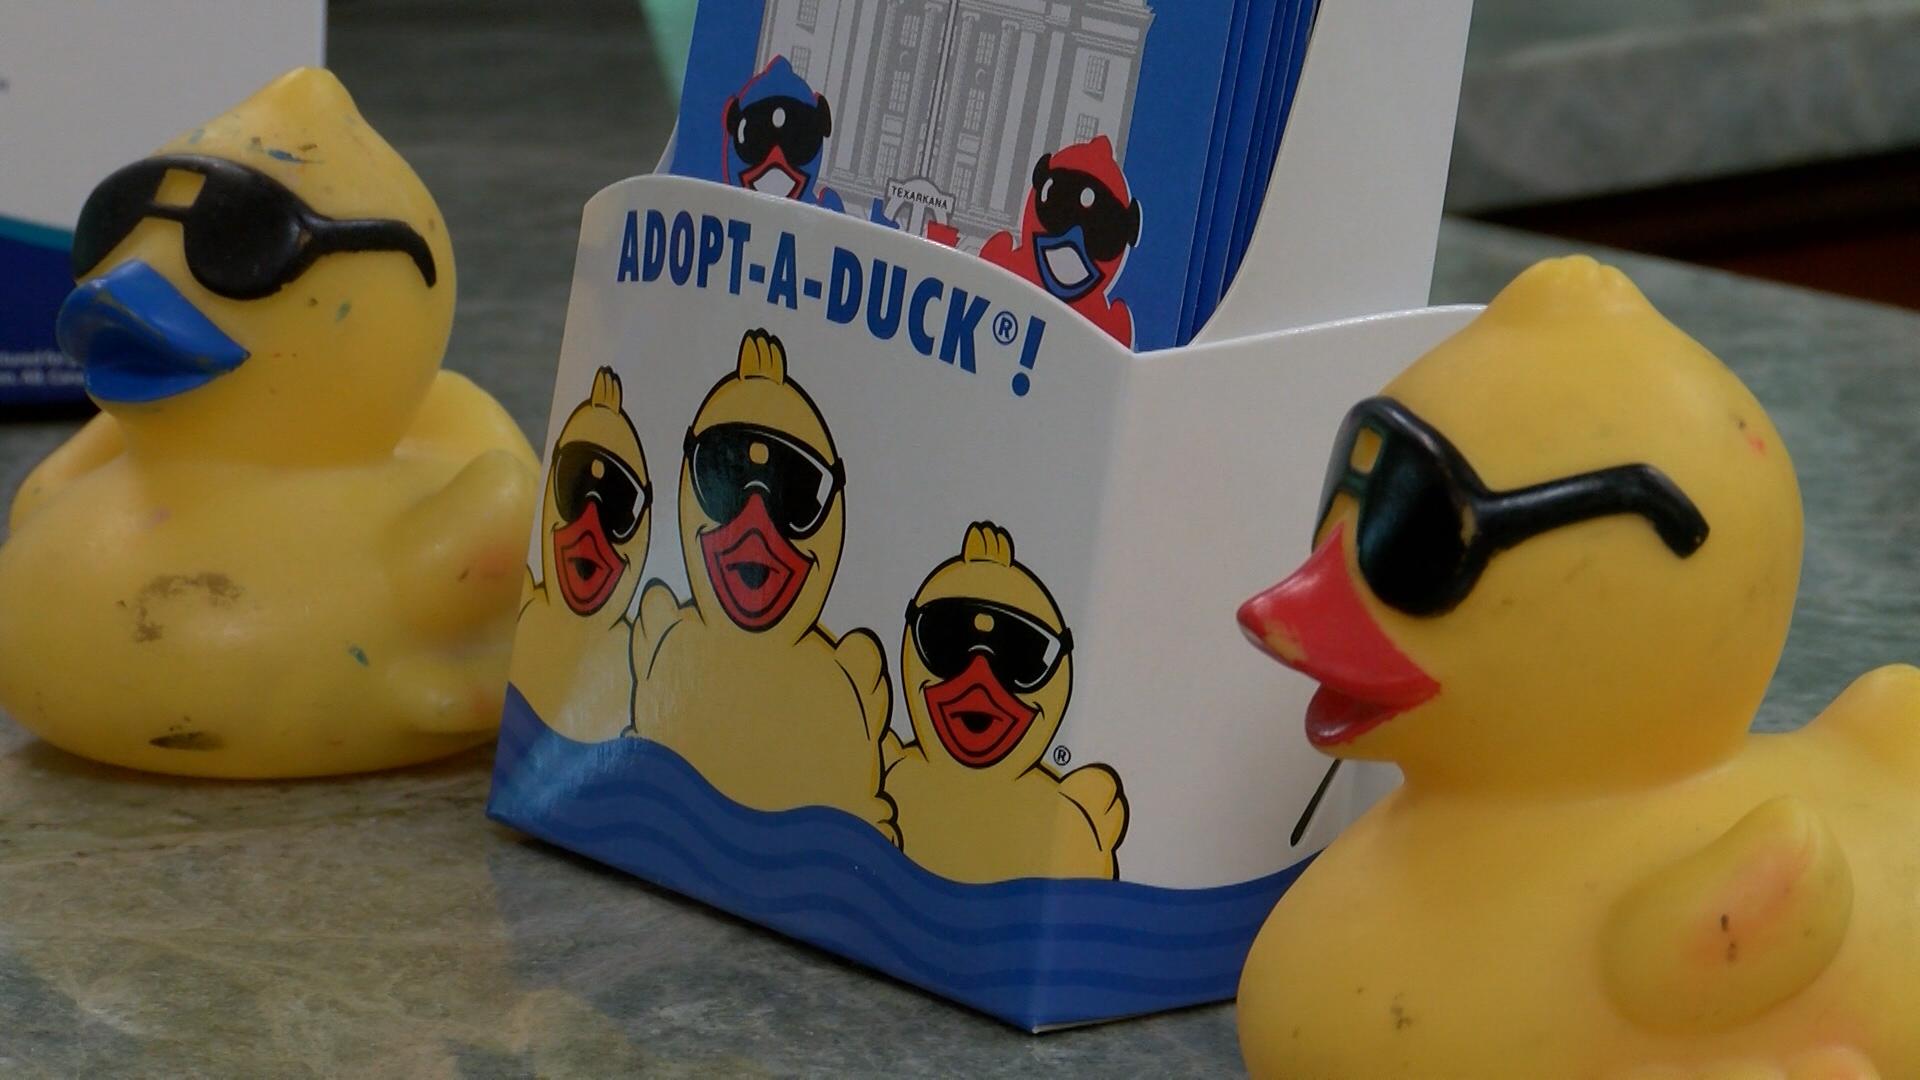 adopt a duck_1533845743102.jpg.jpg